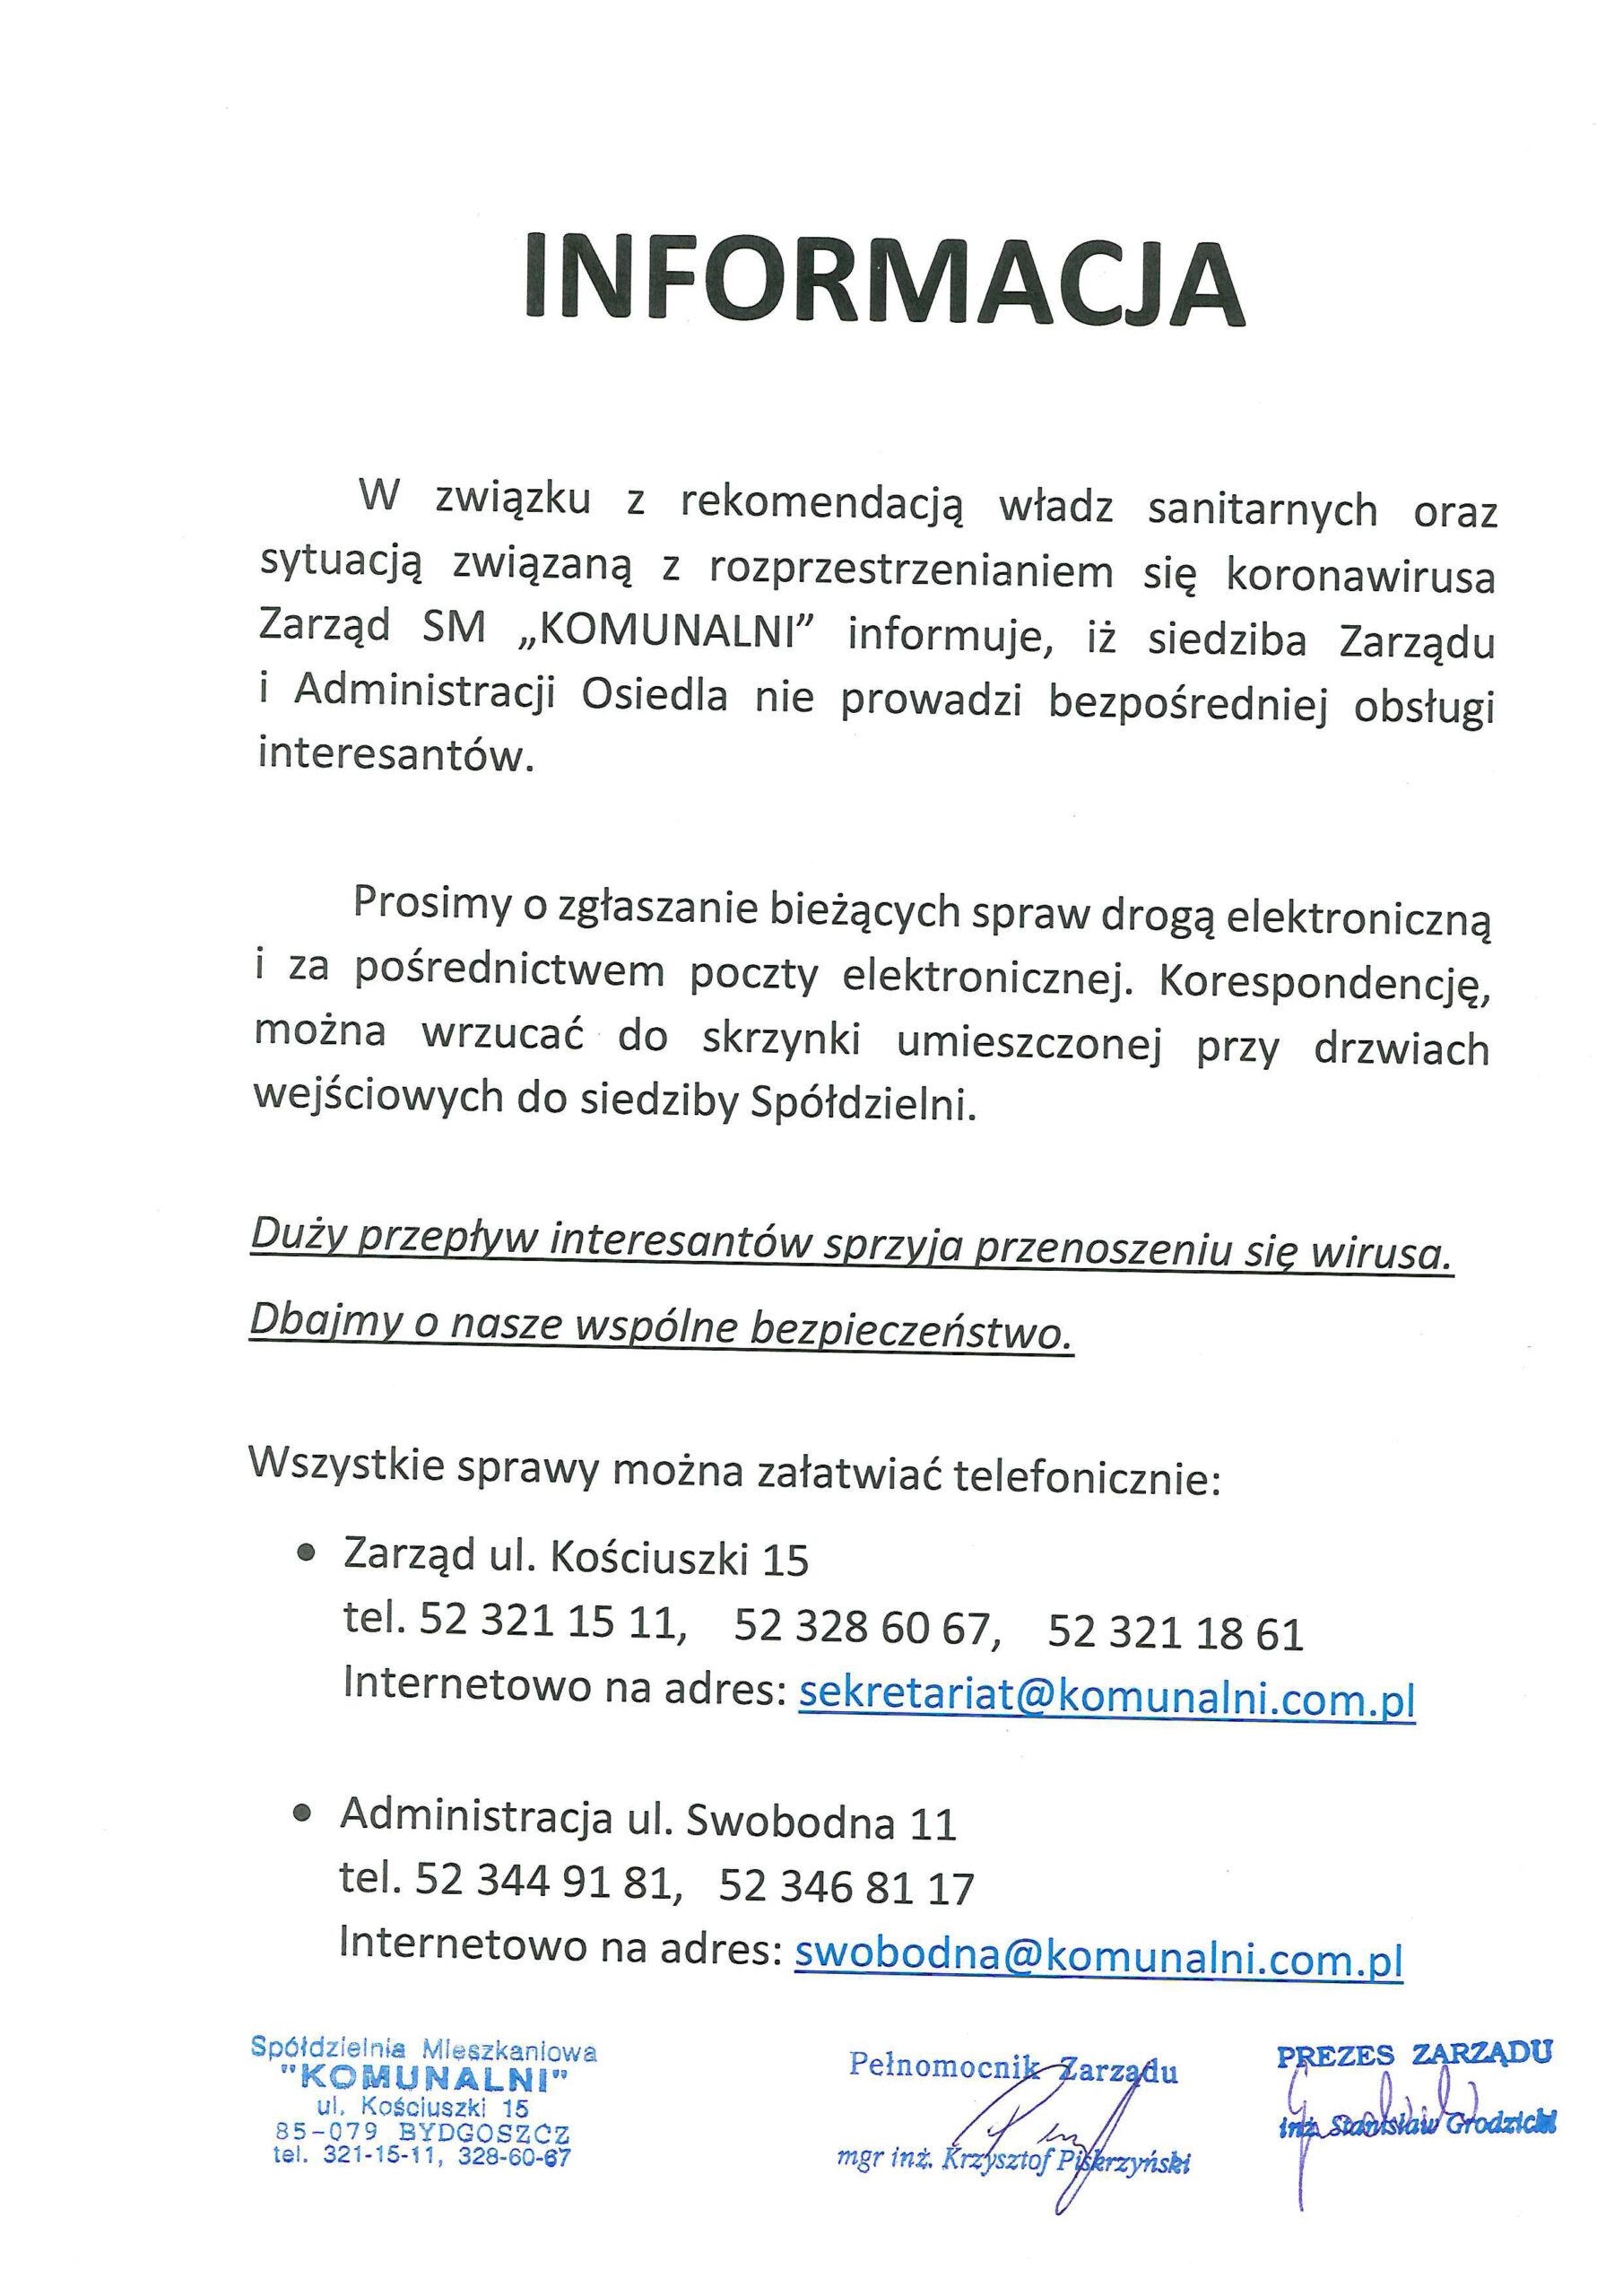 """skan informacji o zmianach funkcjonowania obsługi interesantów spółdzielni mieszkaniowej """"KOMUNALNI"""""""